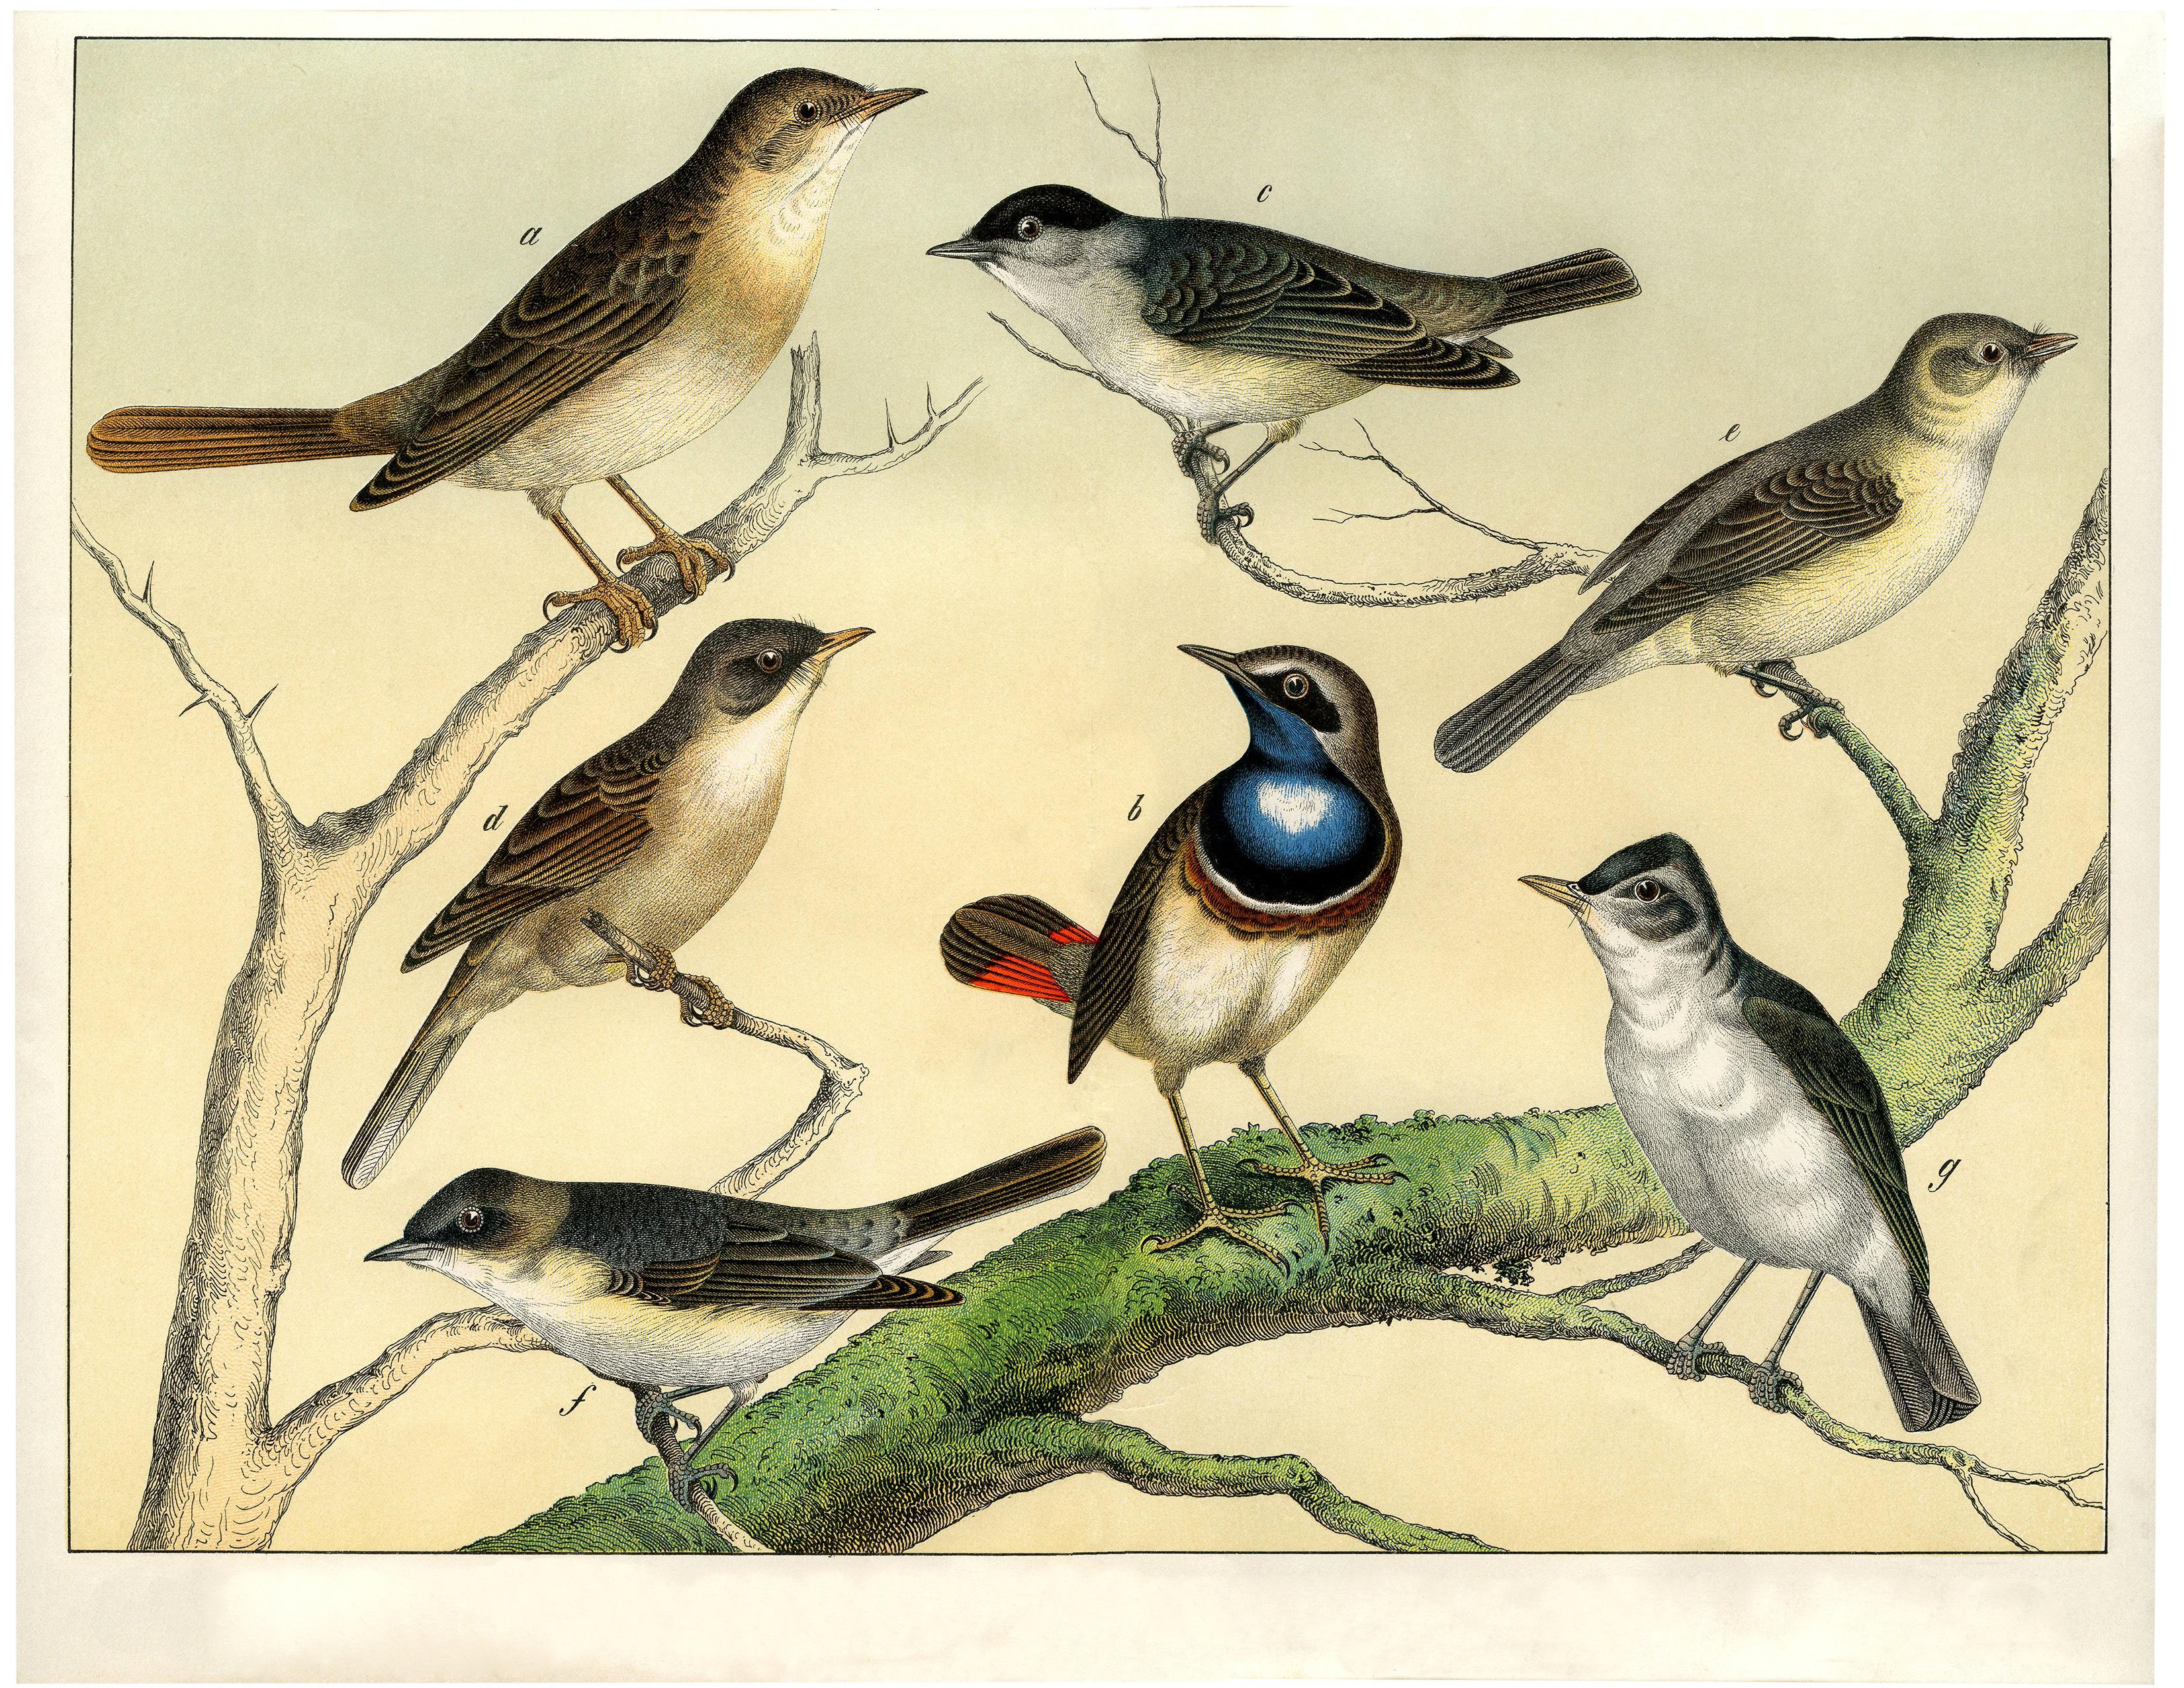 Винтажный рисунок с изображением семи красивых ярких птиц